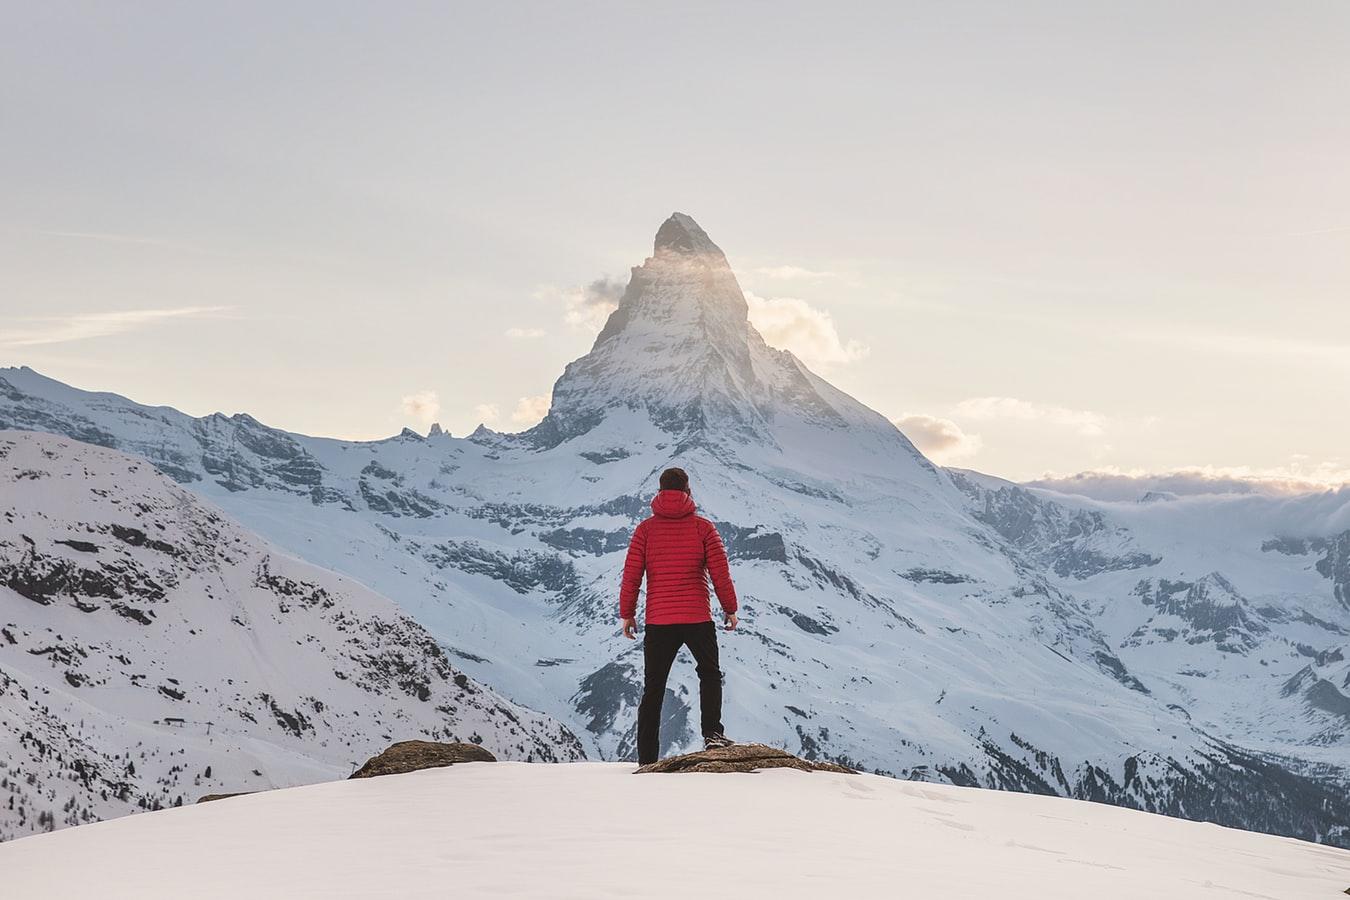 Photo taken in Zermatt, Switzerland by Joshua Earle